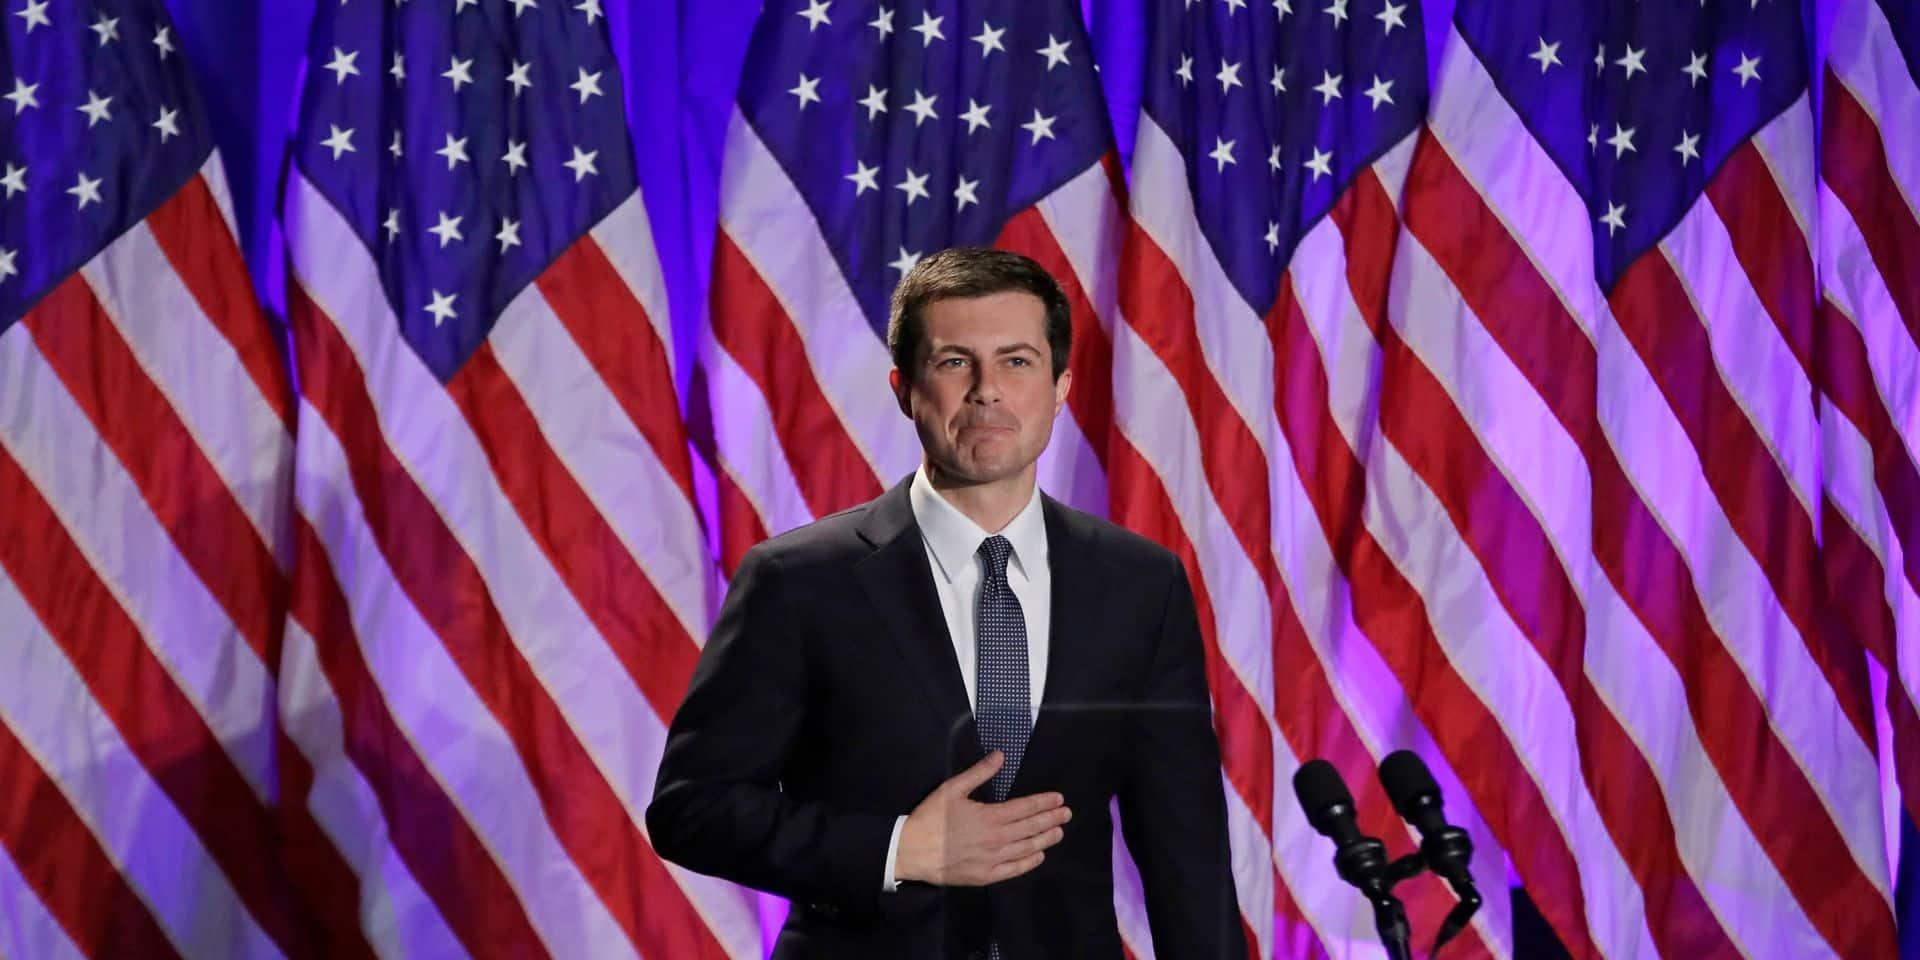 Un président américain gay? La question se pose avec l'ascension d'un candidat à la présidentielle 2020